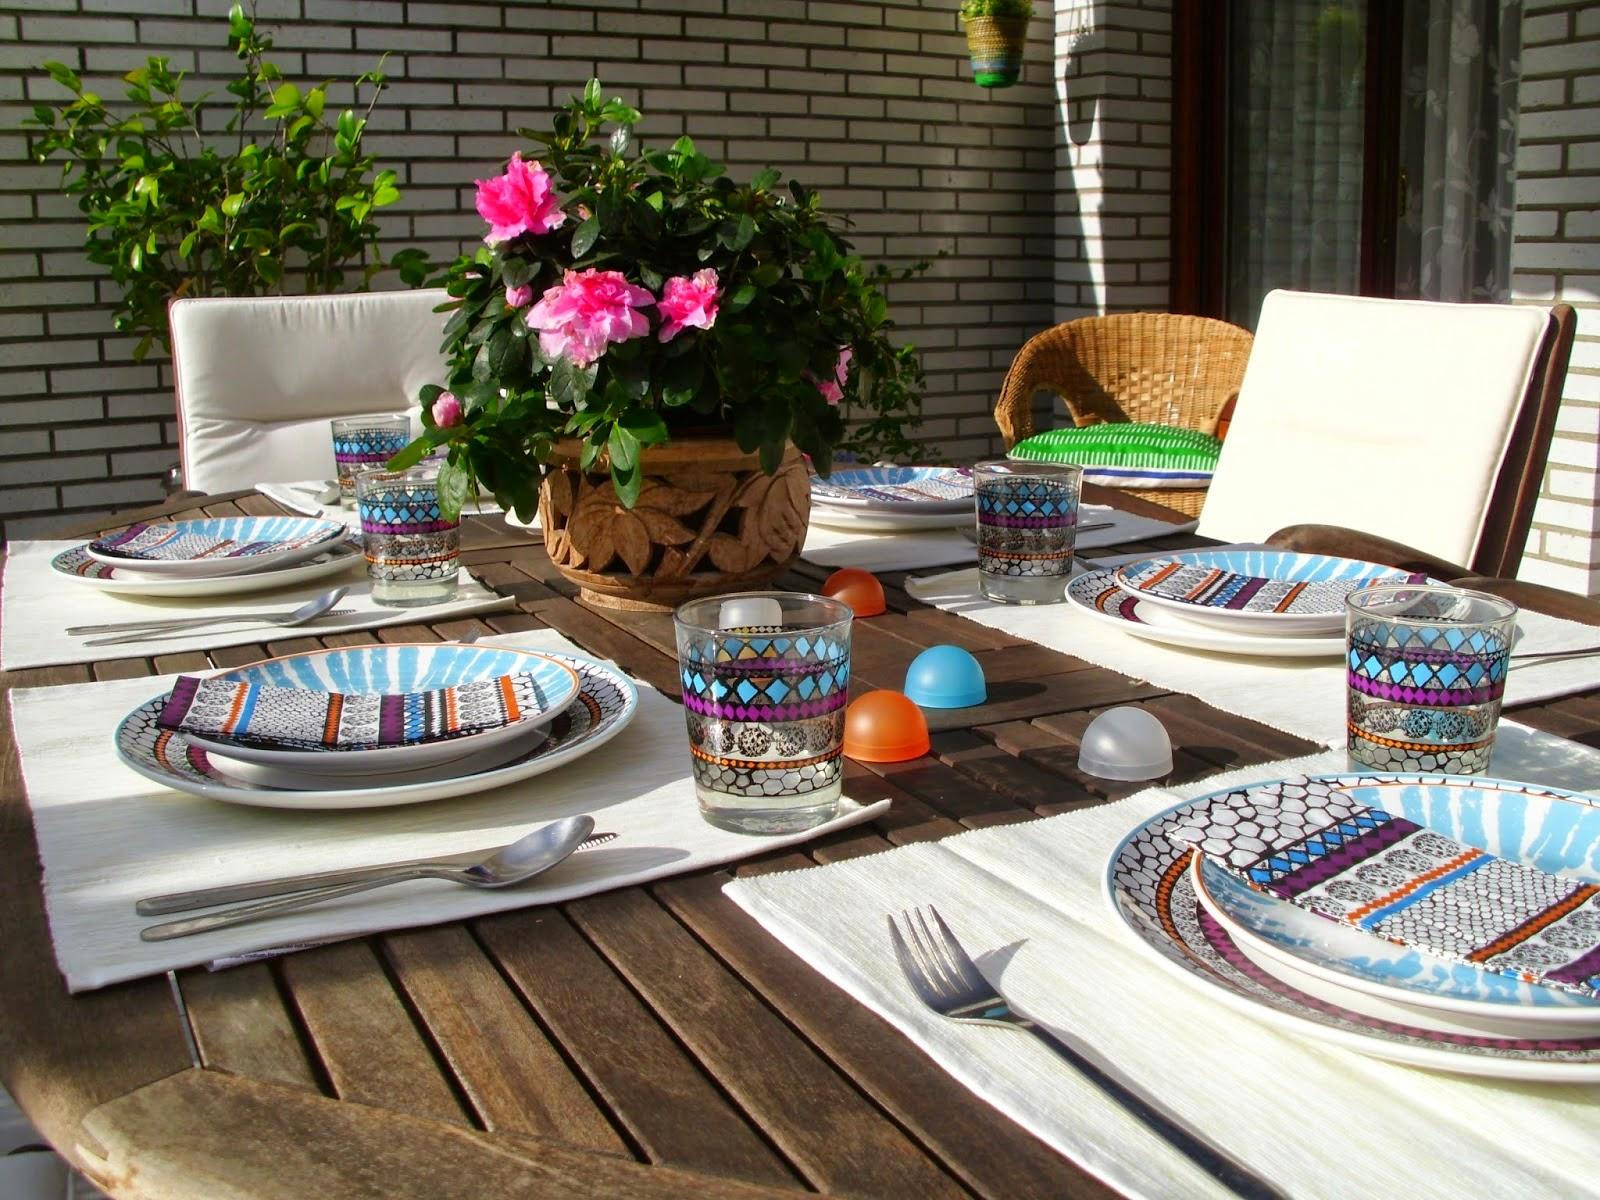 Decoraci n f cil decorando la mesa con la nueva vajilla de ikea driftig - Decoracion con ikea ...